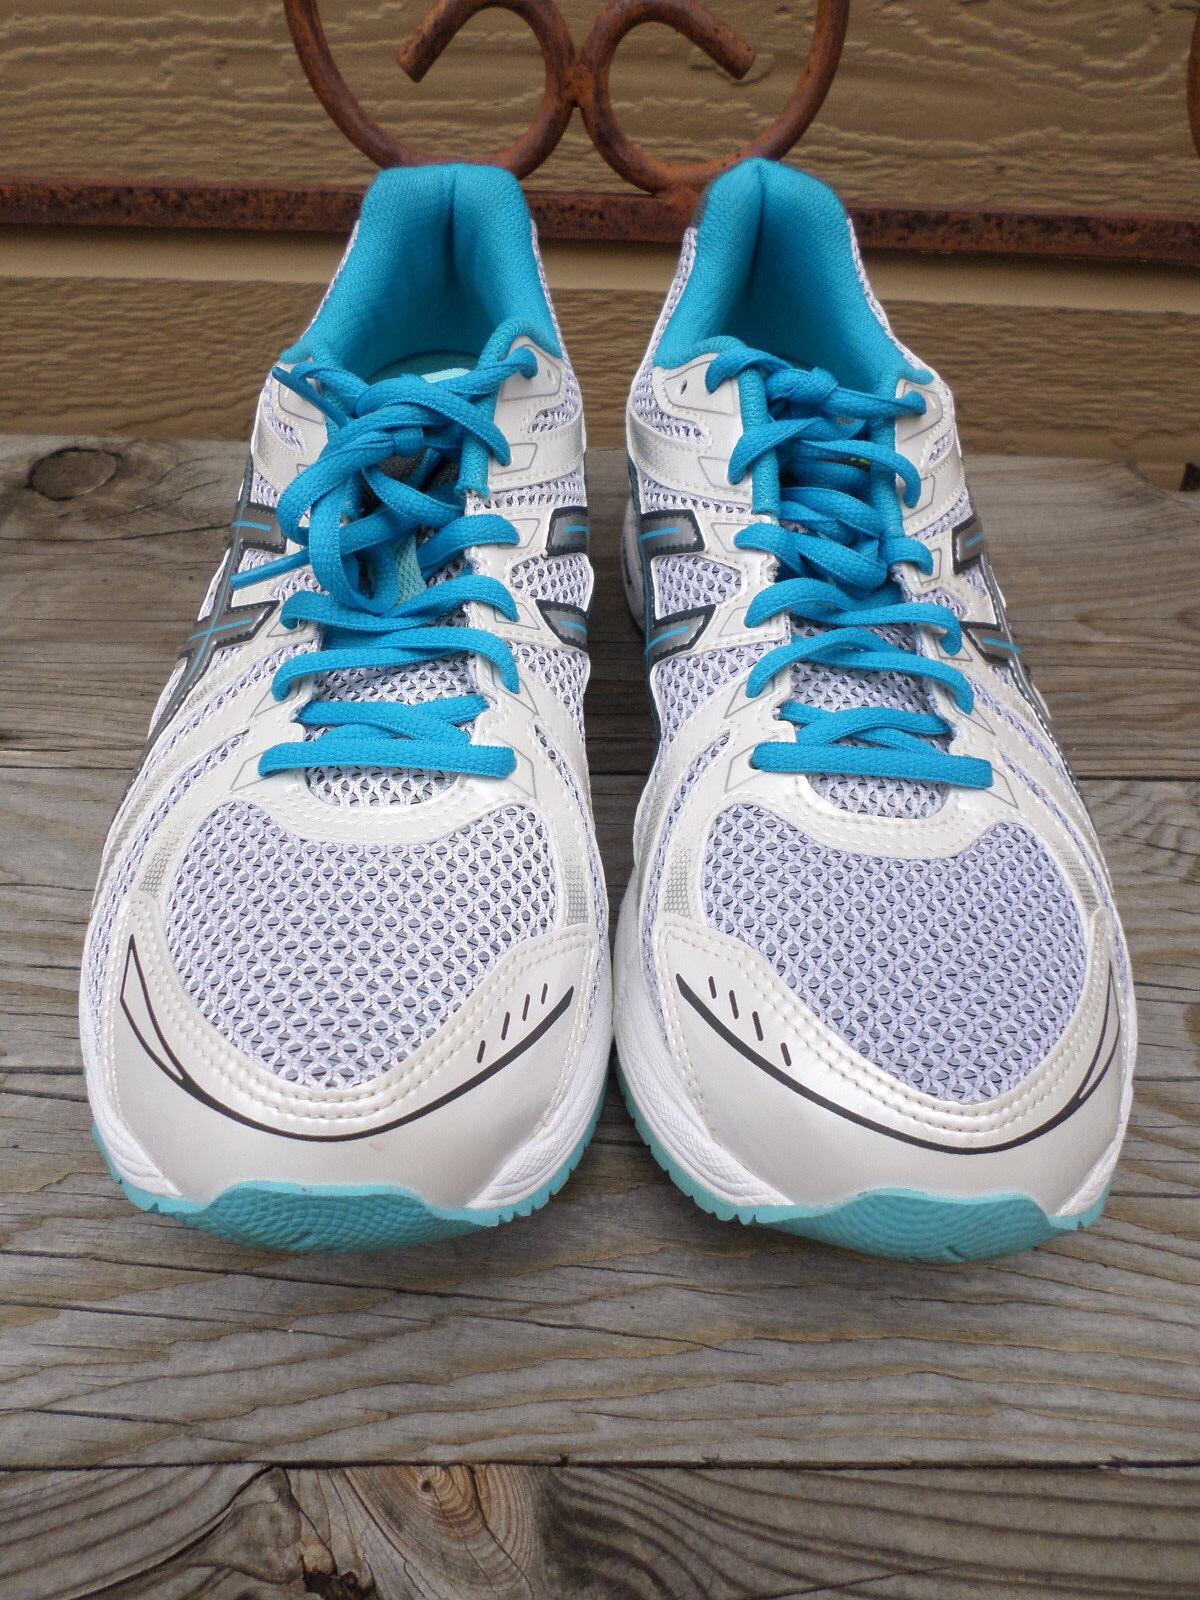 Asics Gel Exalt Shoes White/Silver/Blue Running Shoes Exalt Women's 11 49418a